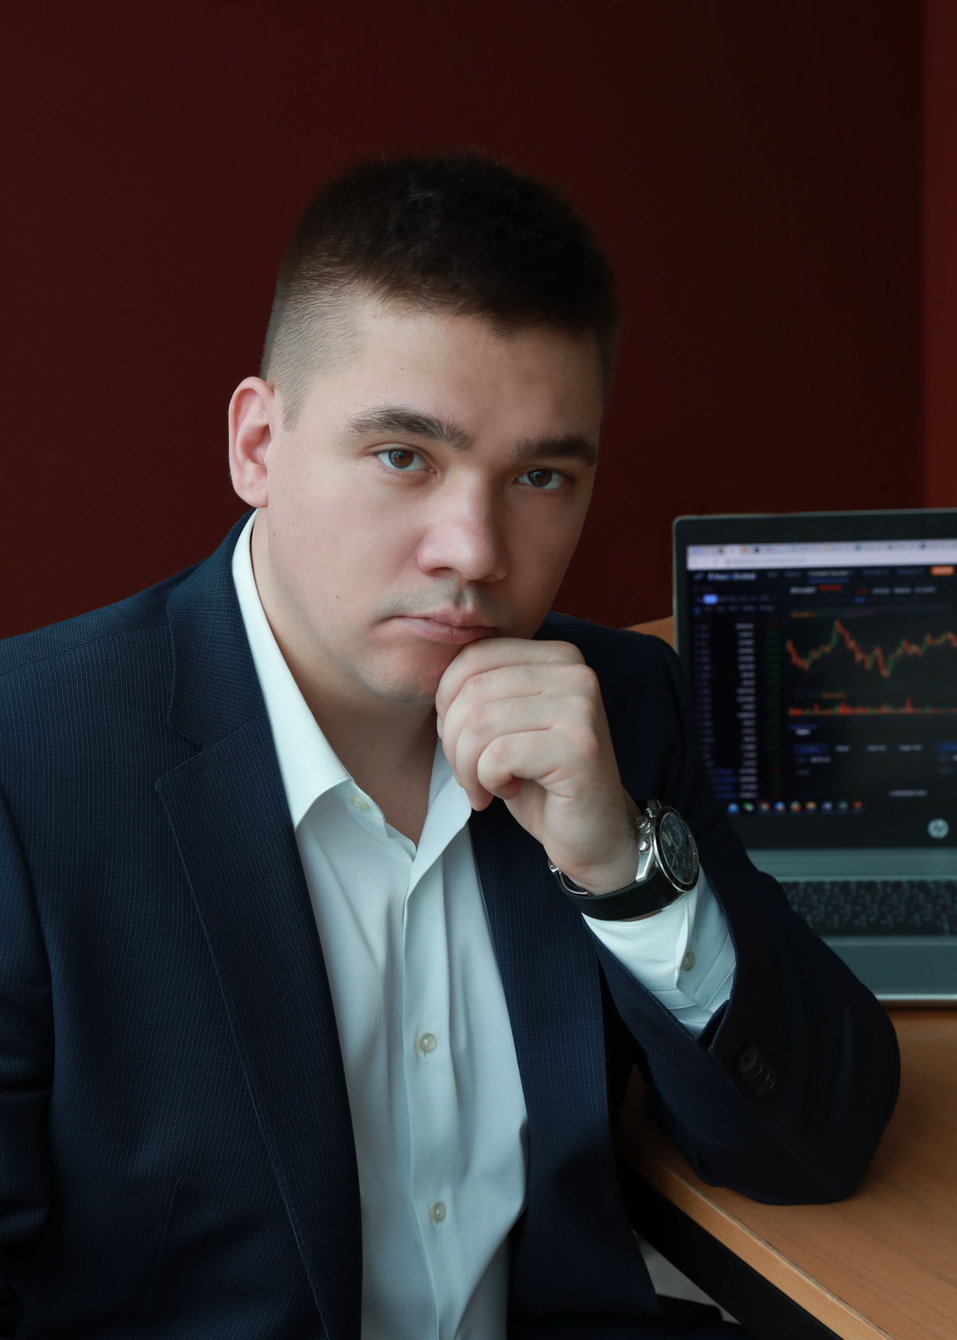 Дмитрий Антипин: «Крупные инвесторы всё охотнее вкладываются в криптовалюту» 2